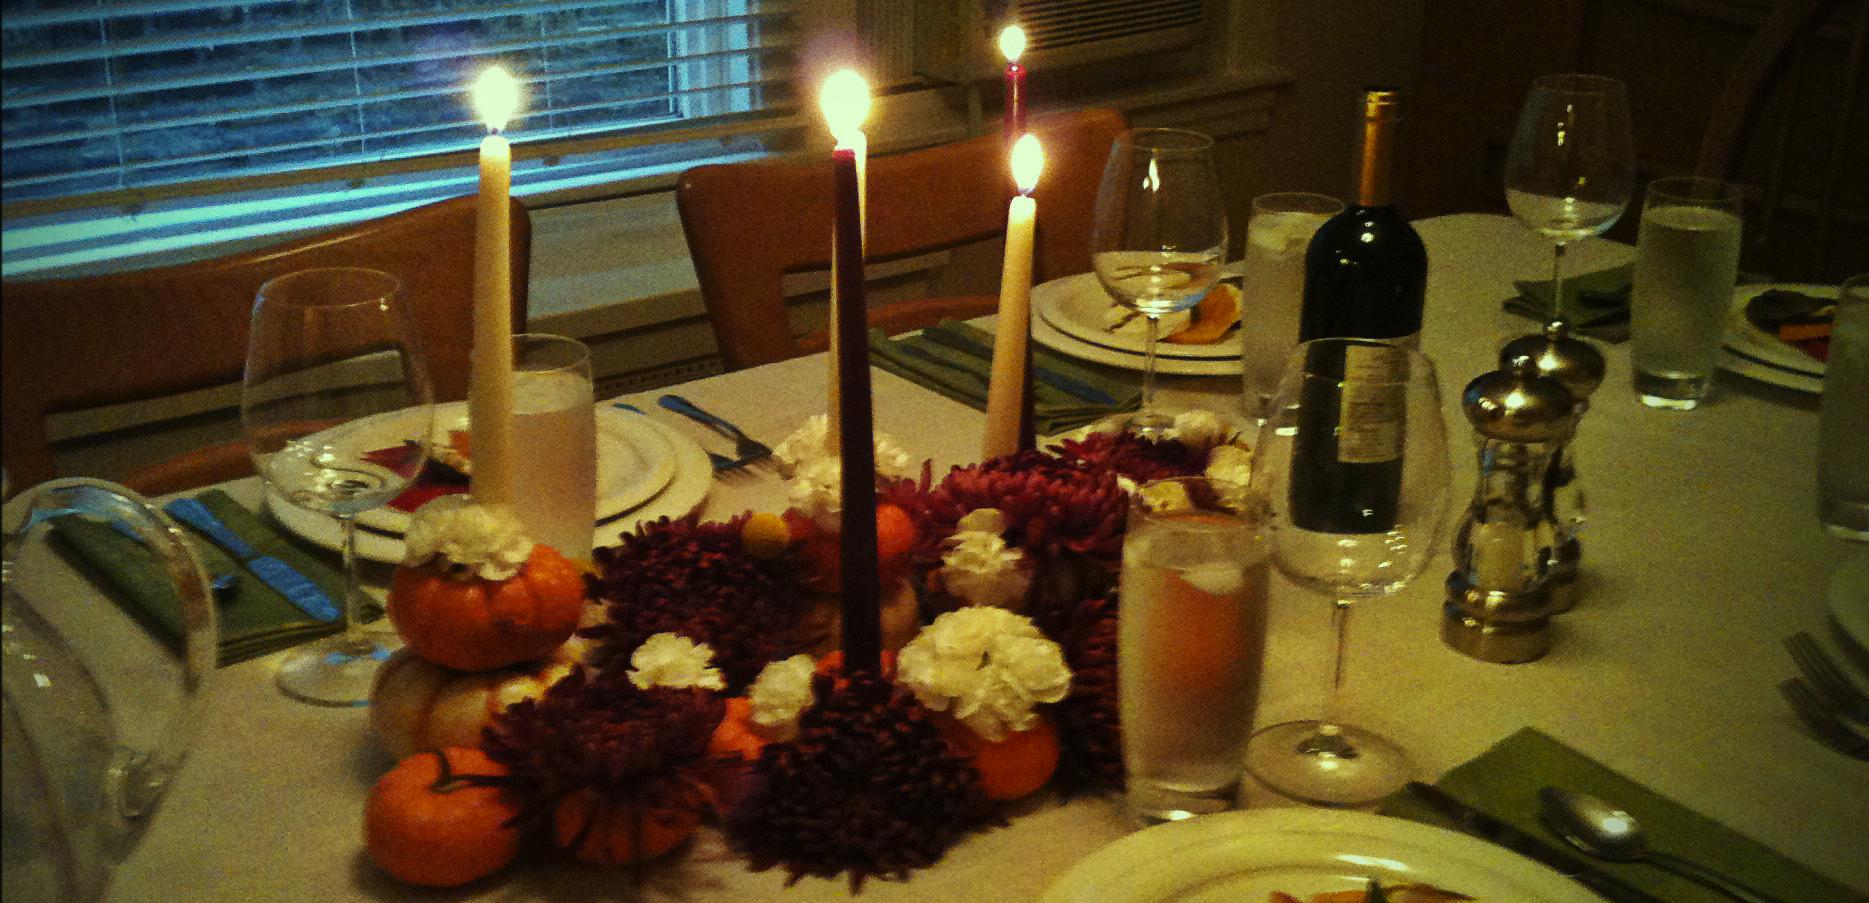 Thanksgiving Centerpiece, berosy.com